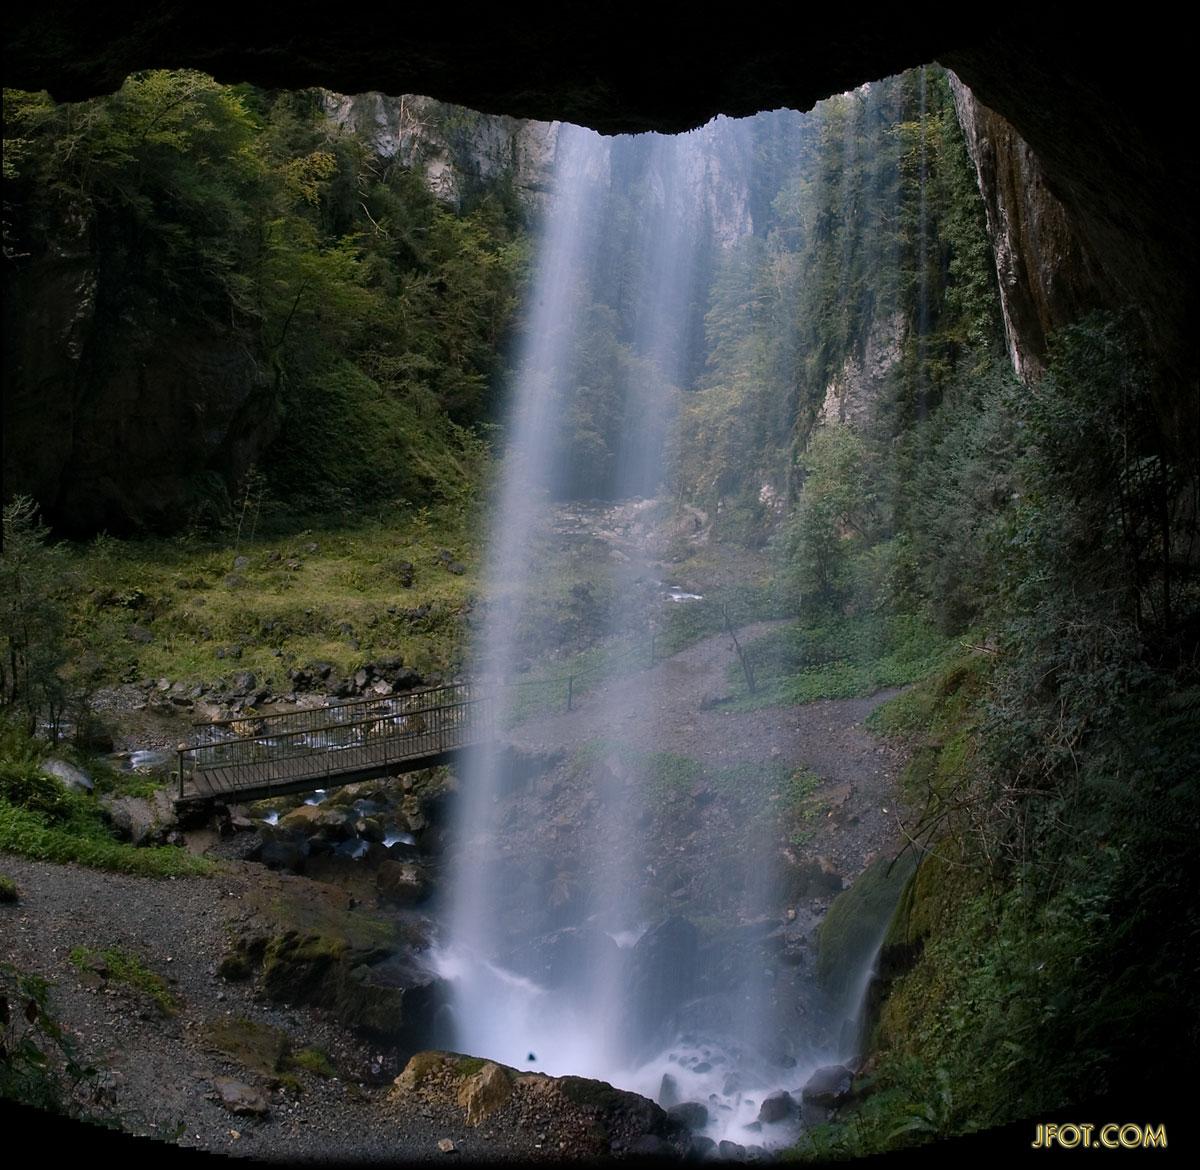 La cascada de Kakouetta.